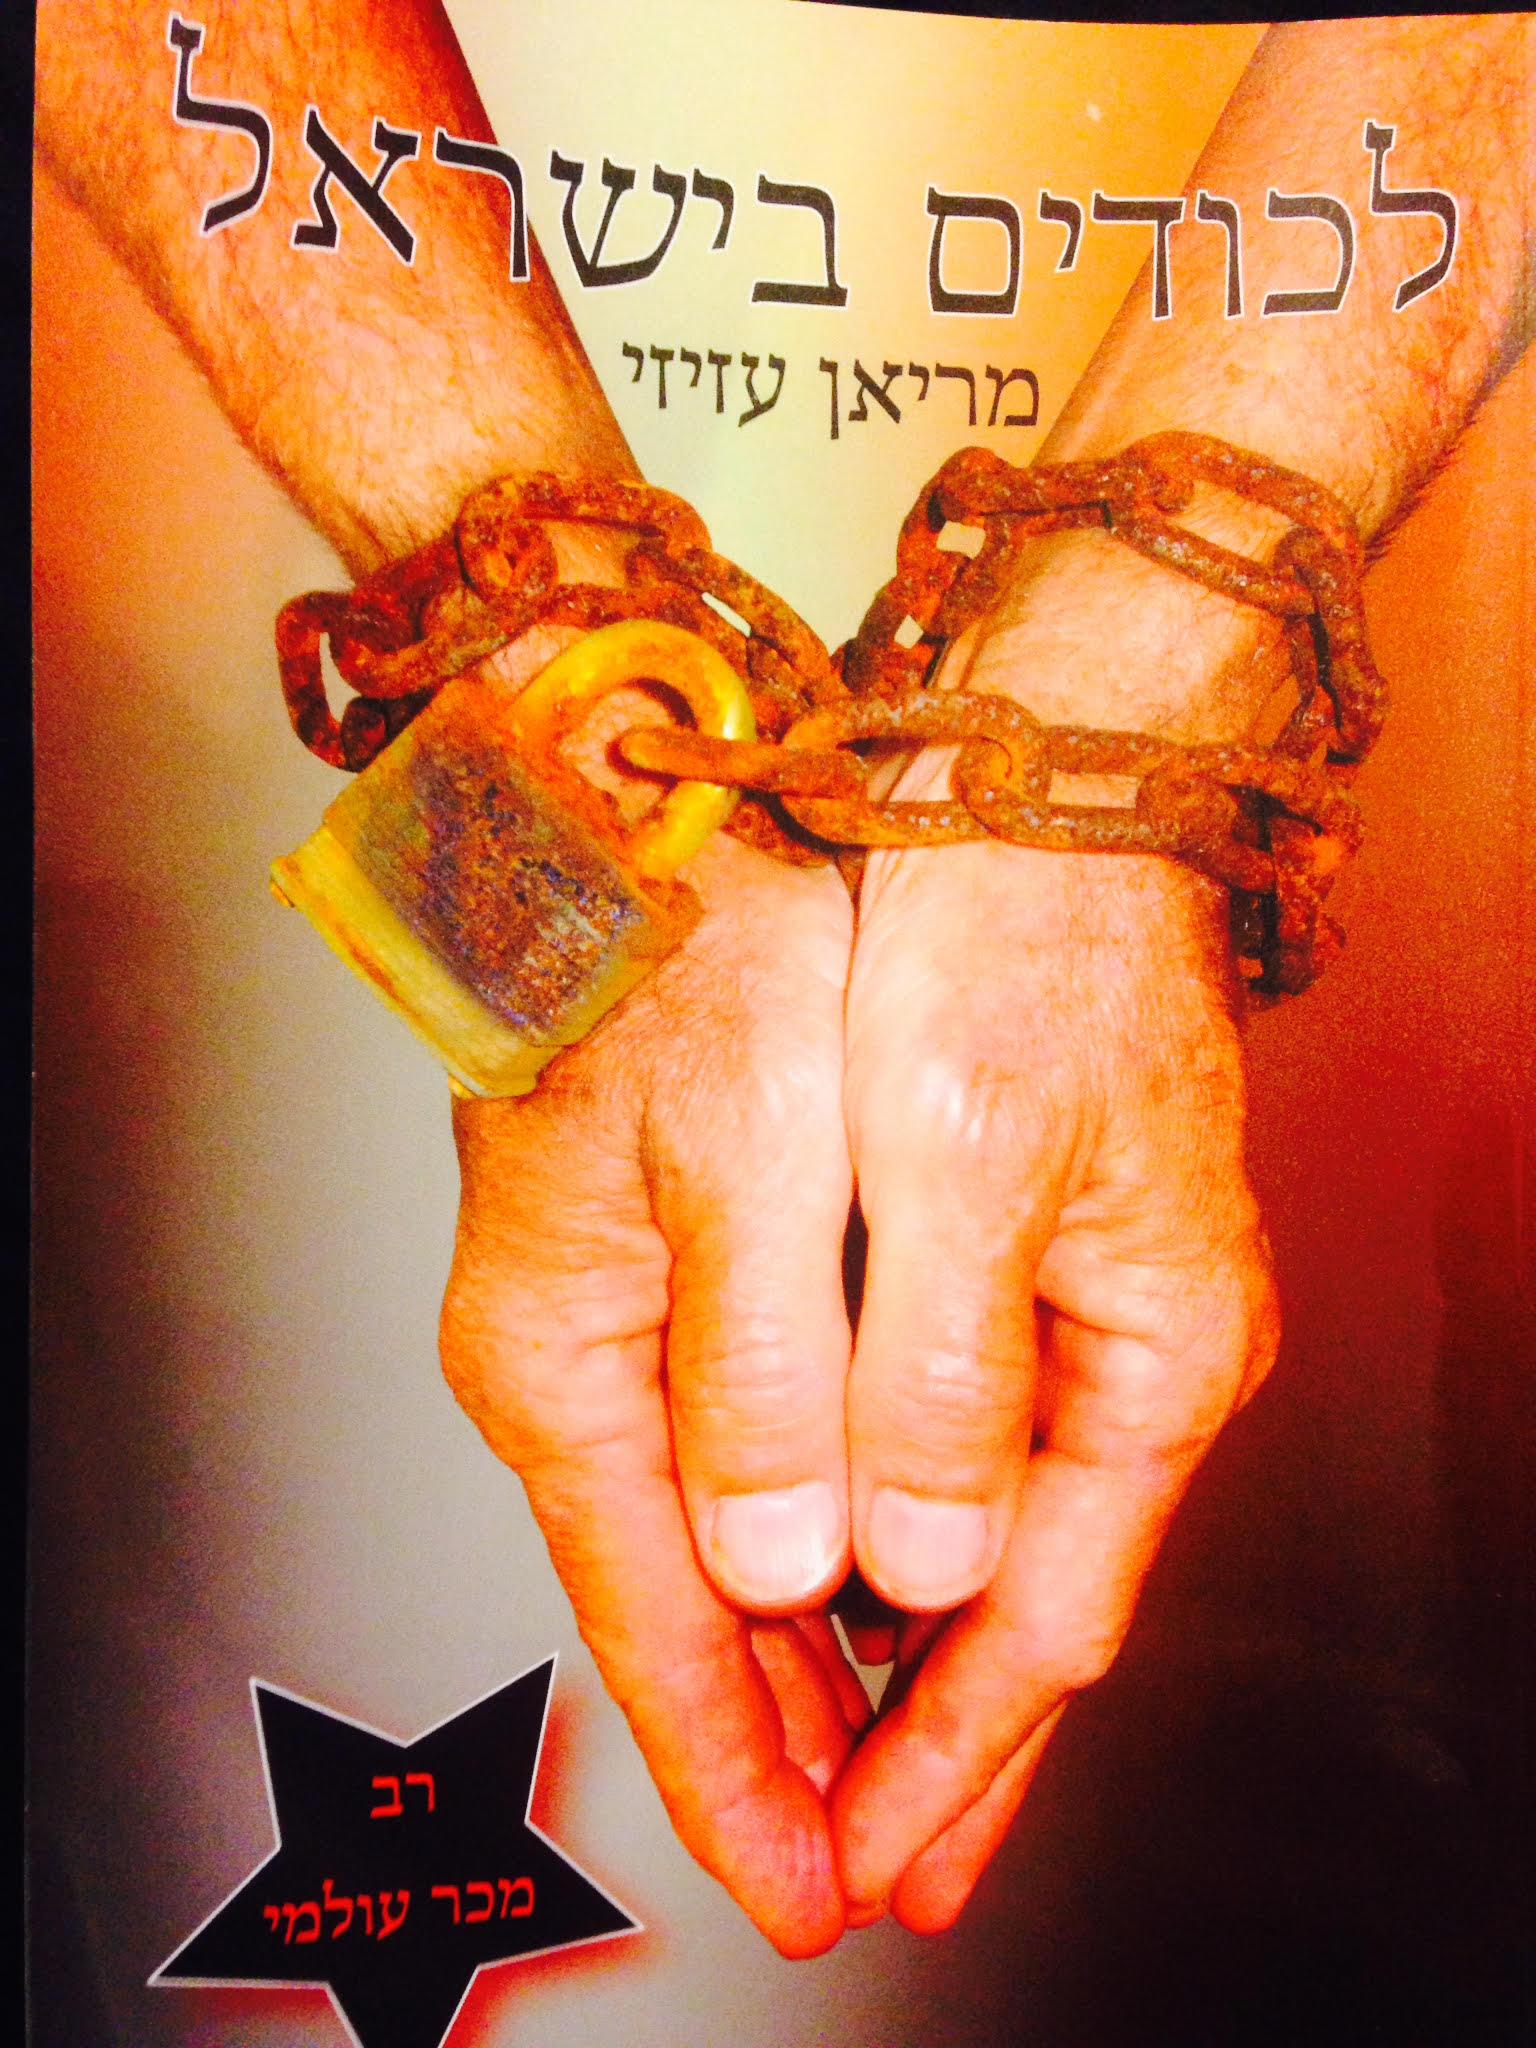 """סיפור של עוצמה נשית: """"לכודים בישראל"""" מאת מריאן עזיזי"""